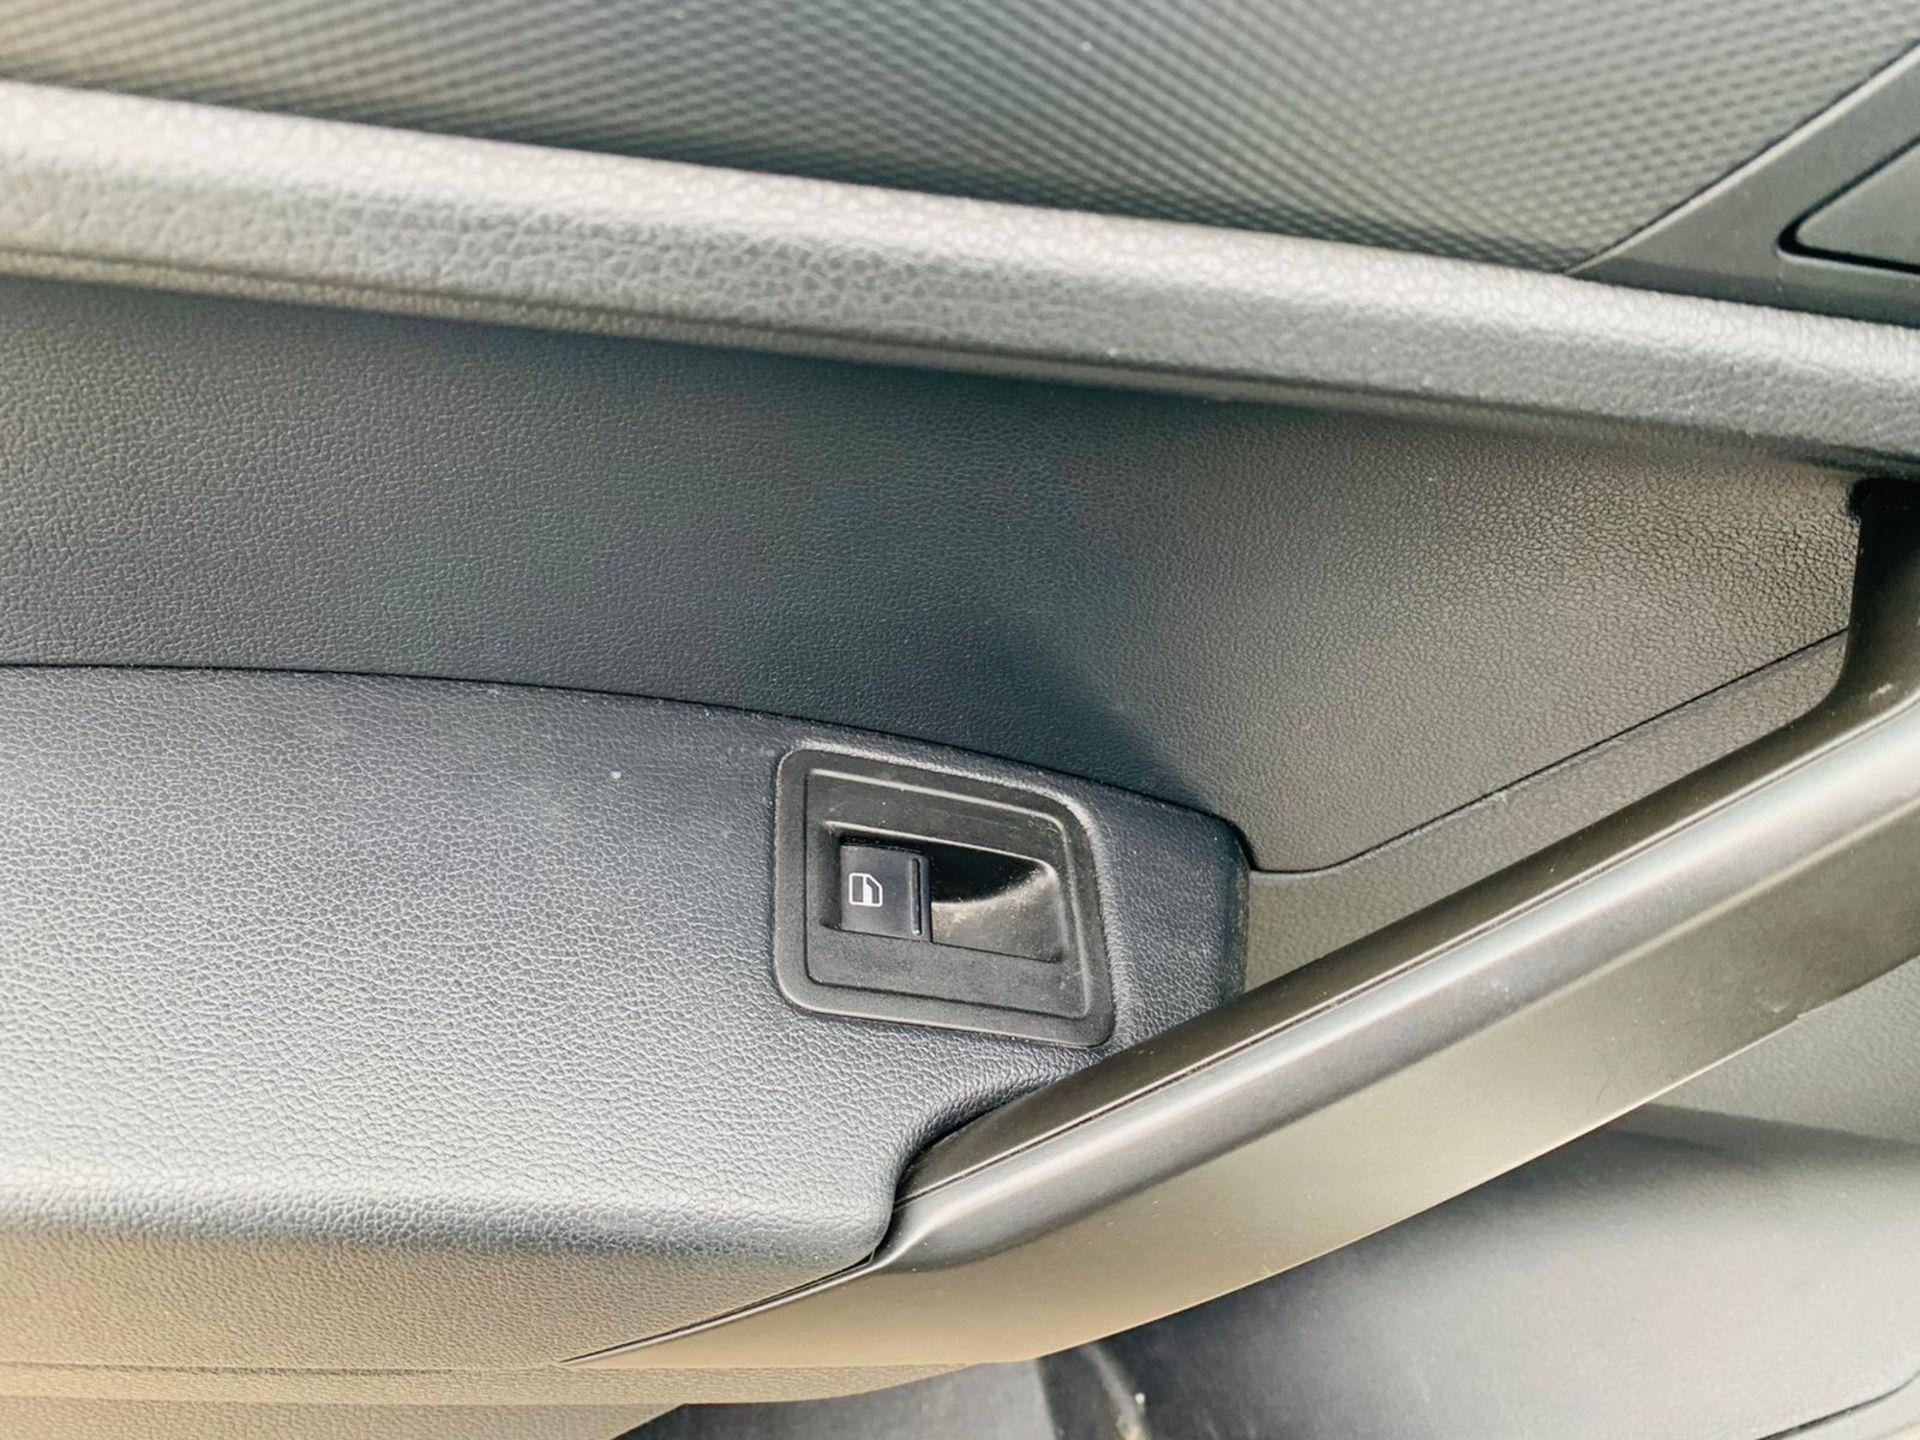 (RESERVE MET)Volkswagen (VW) Caddy 2.0 TDI C20 Startline - 2017 17 Reg - Euro 6 - ULEZ Compliant - - Image 17 of 20